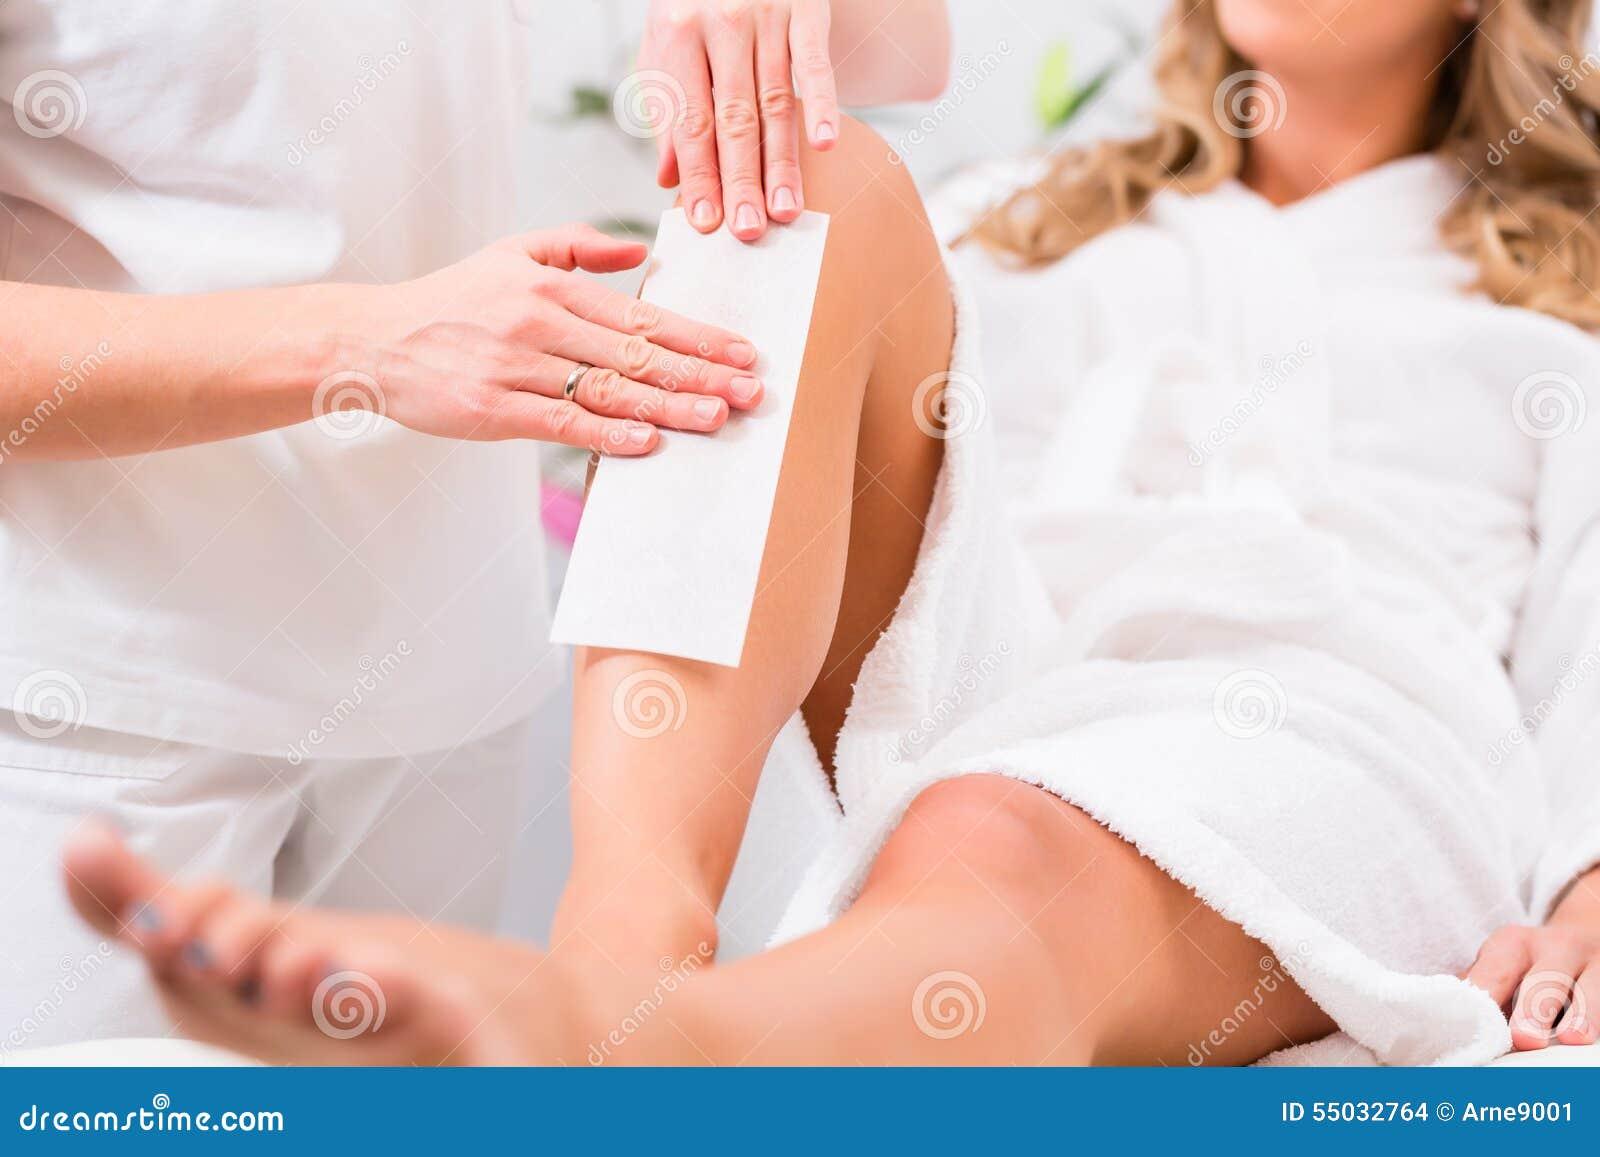 Женщина на вощить удаление волос в косметическом кабинете